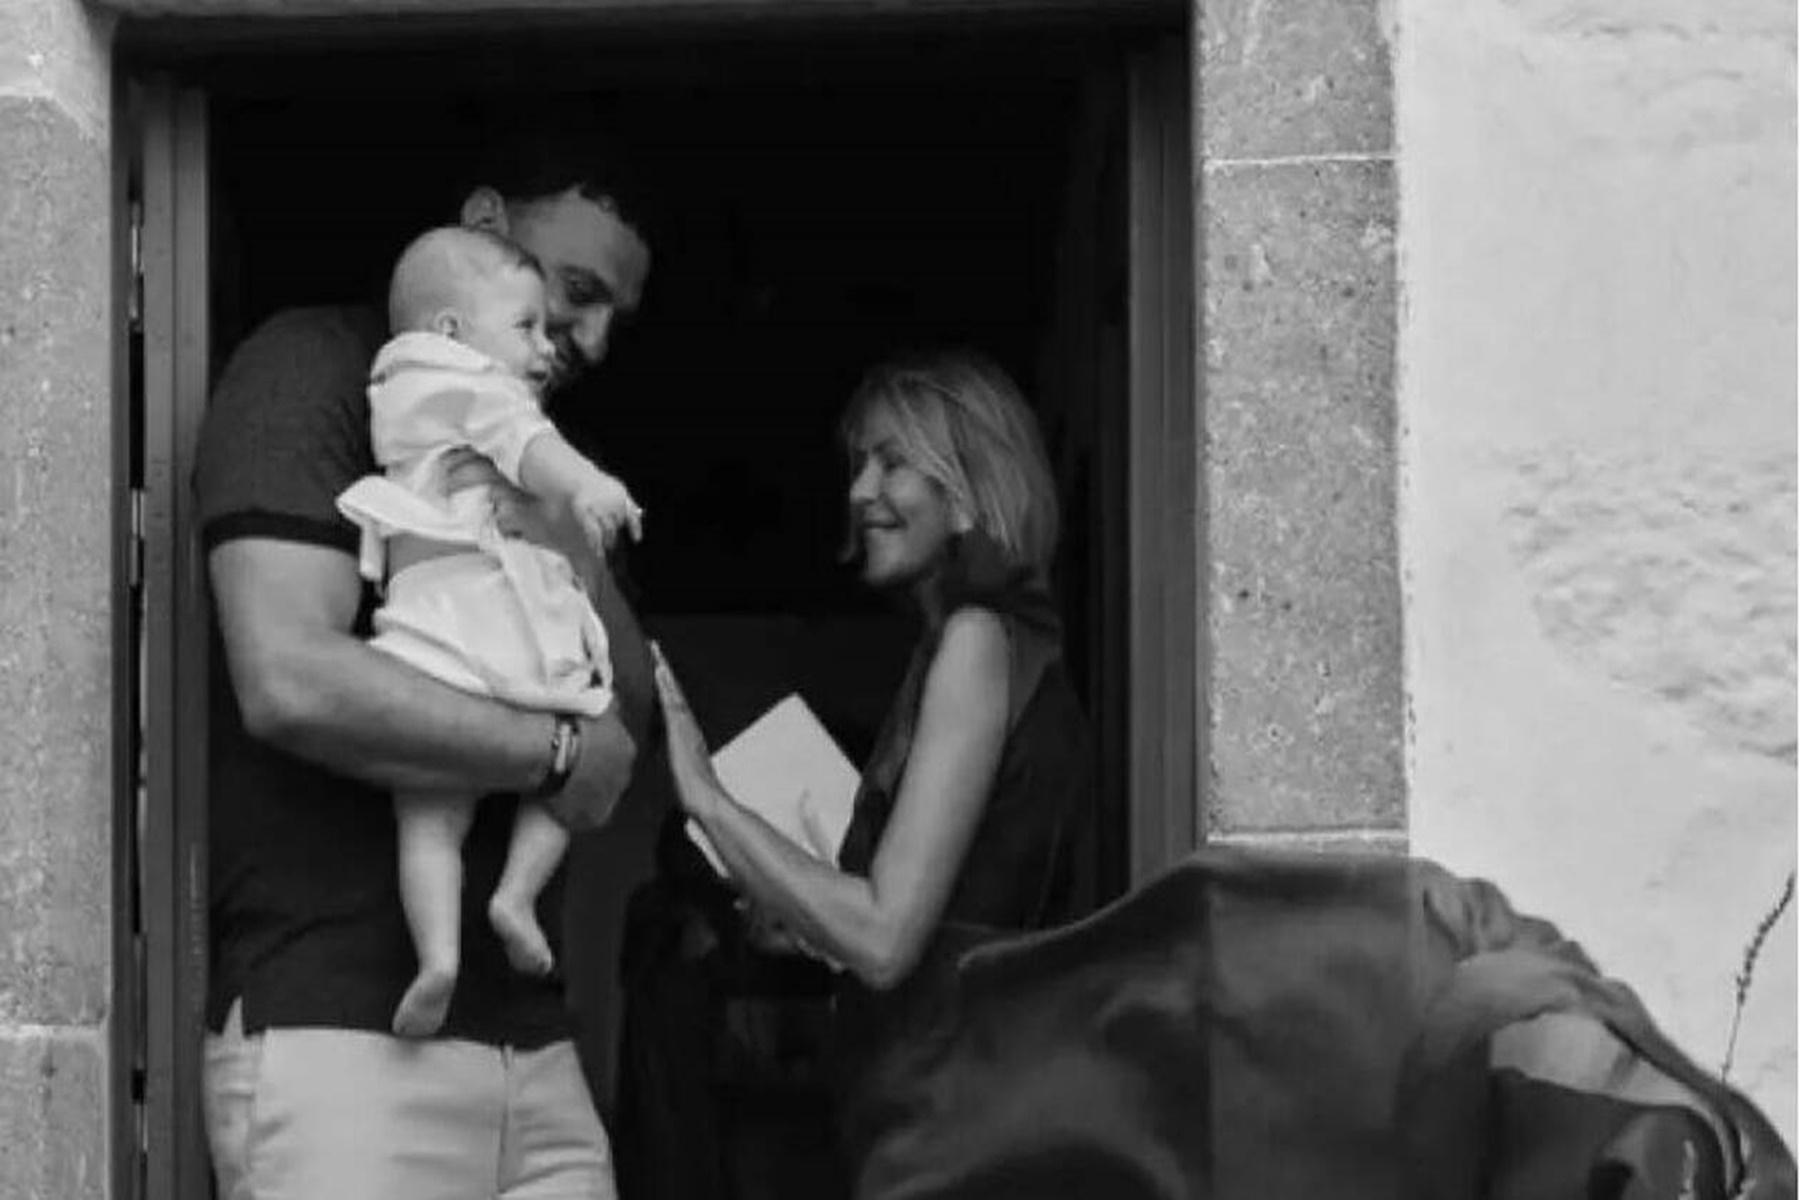 Βασίλης Κικίλιας και Τζένη Μπαλατσινού : Βάφτησαν στην Πάτμο τον γιό τους